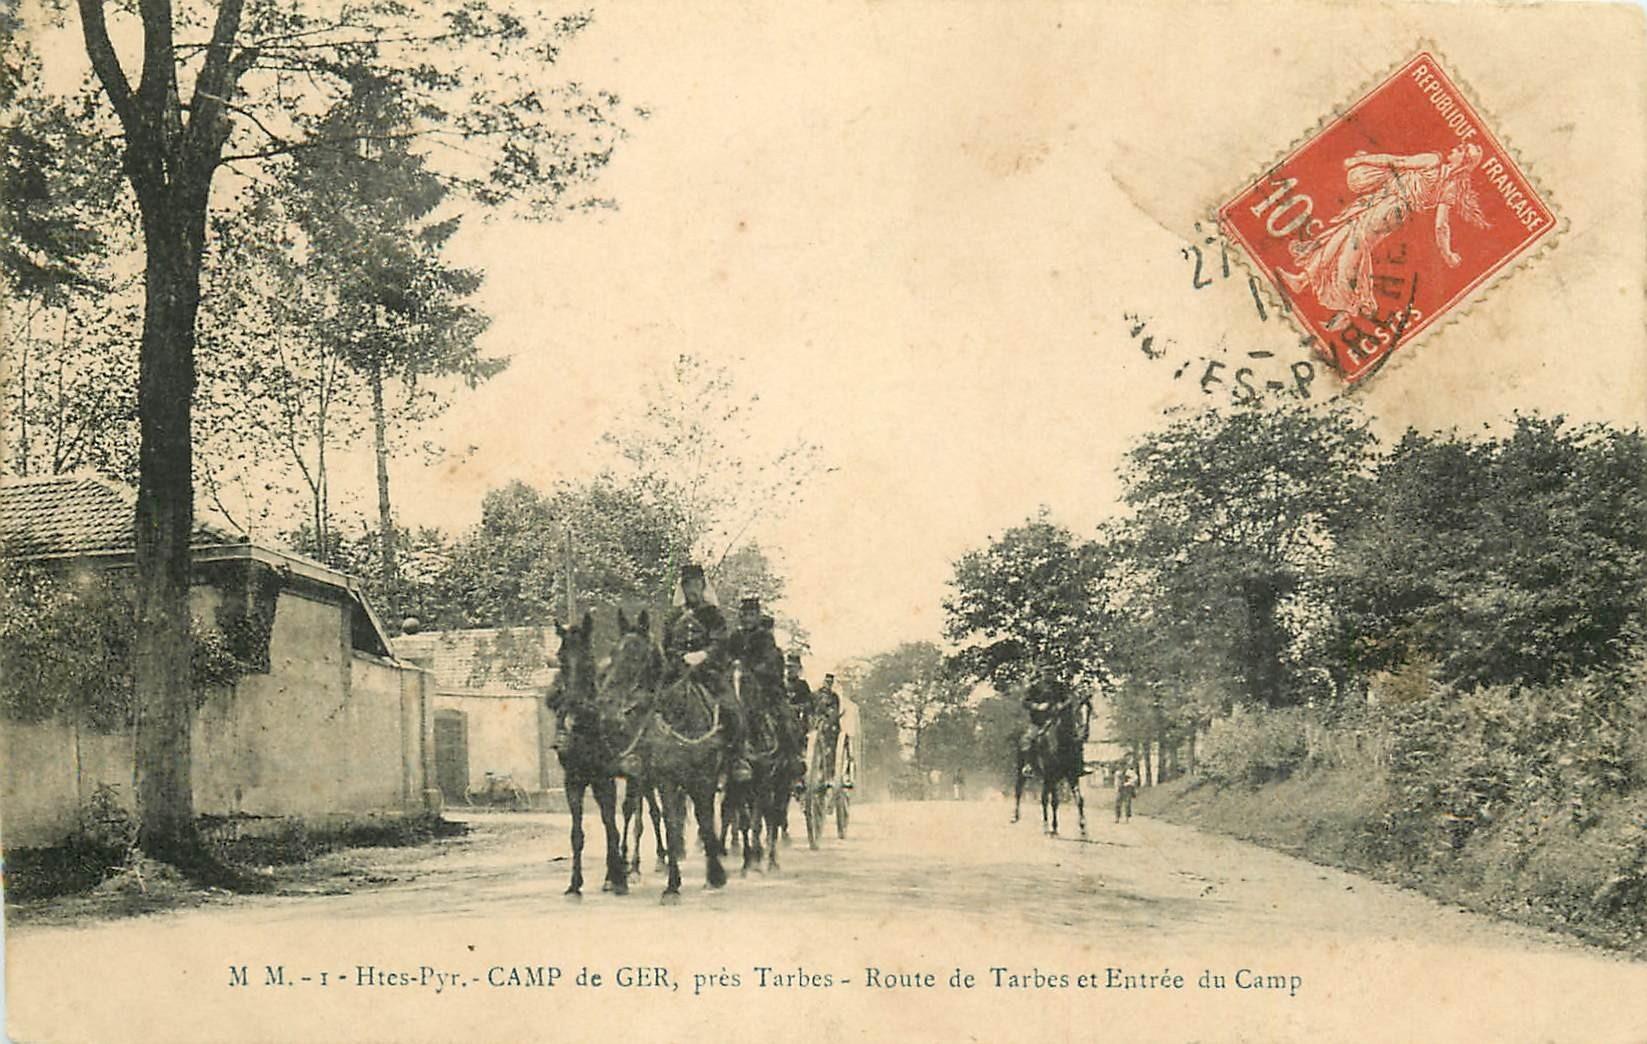 65 CAMP DE GER. Cavaliers militaires route de Tarbes à l'Entrée du Camp 1911